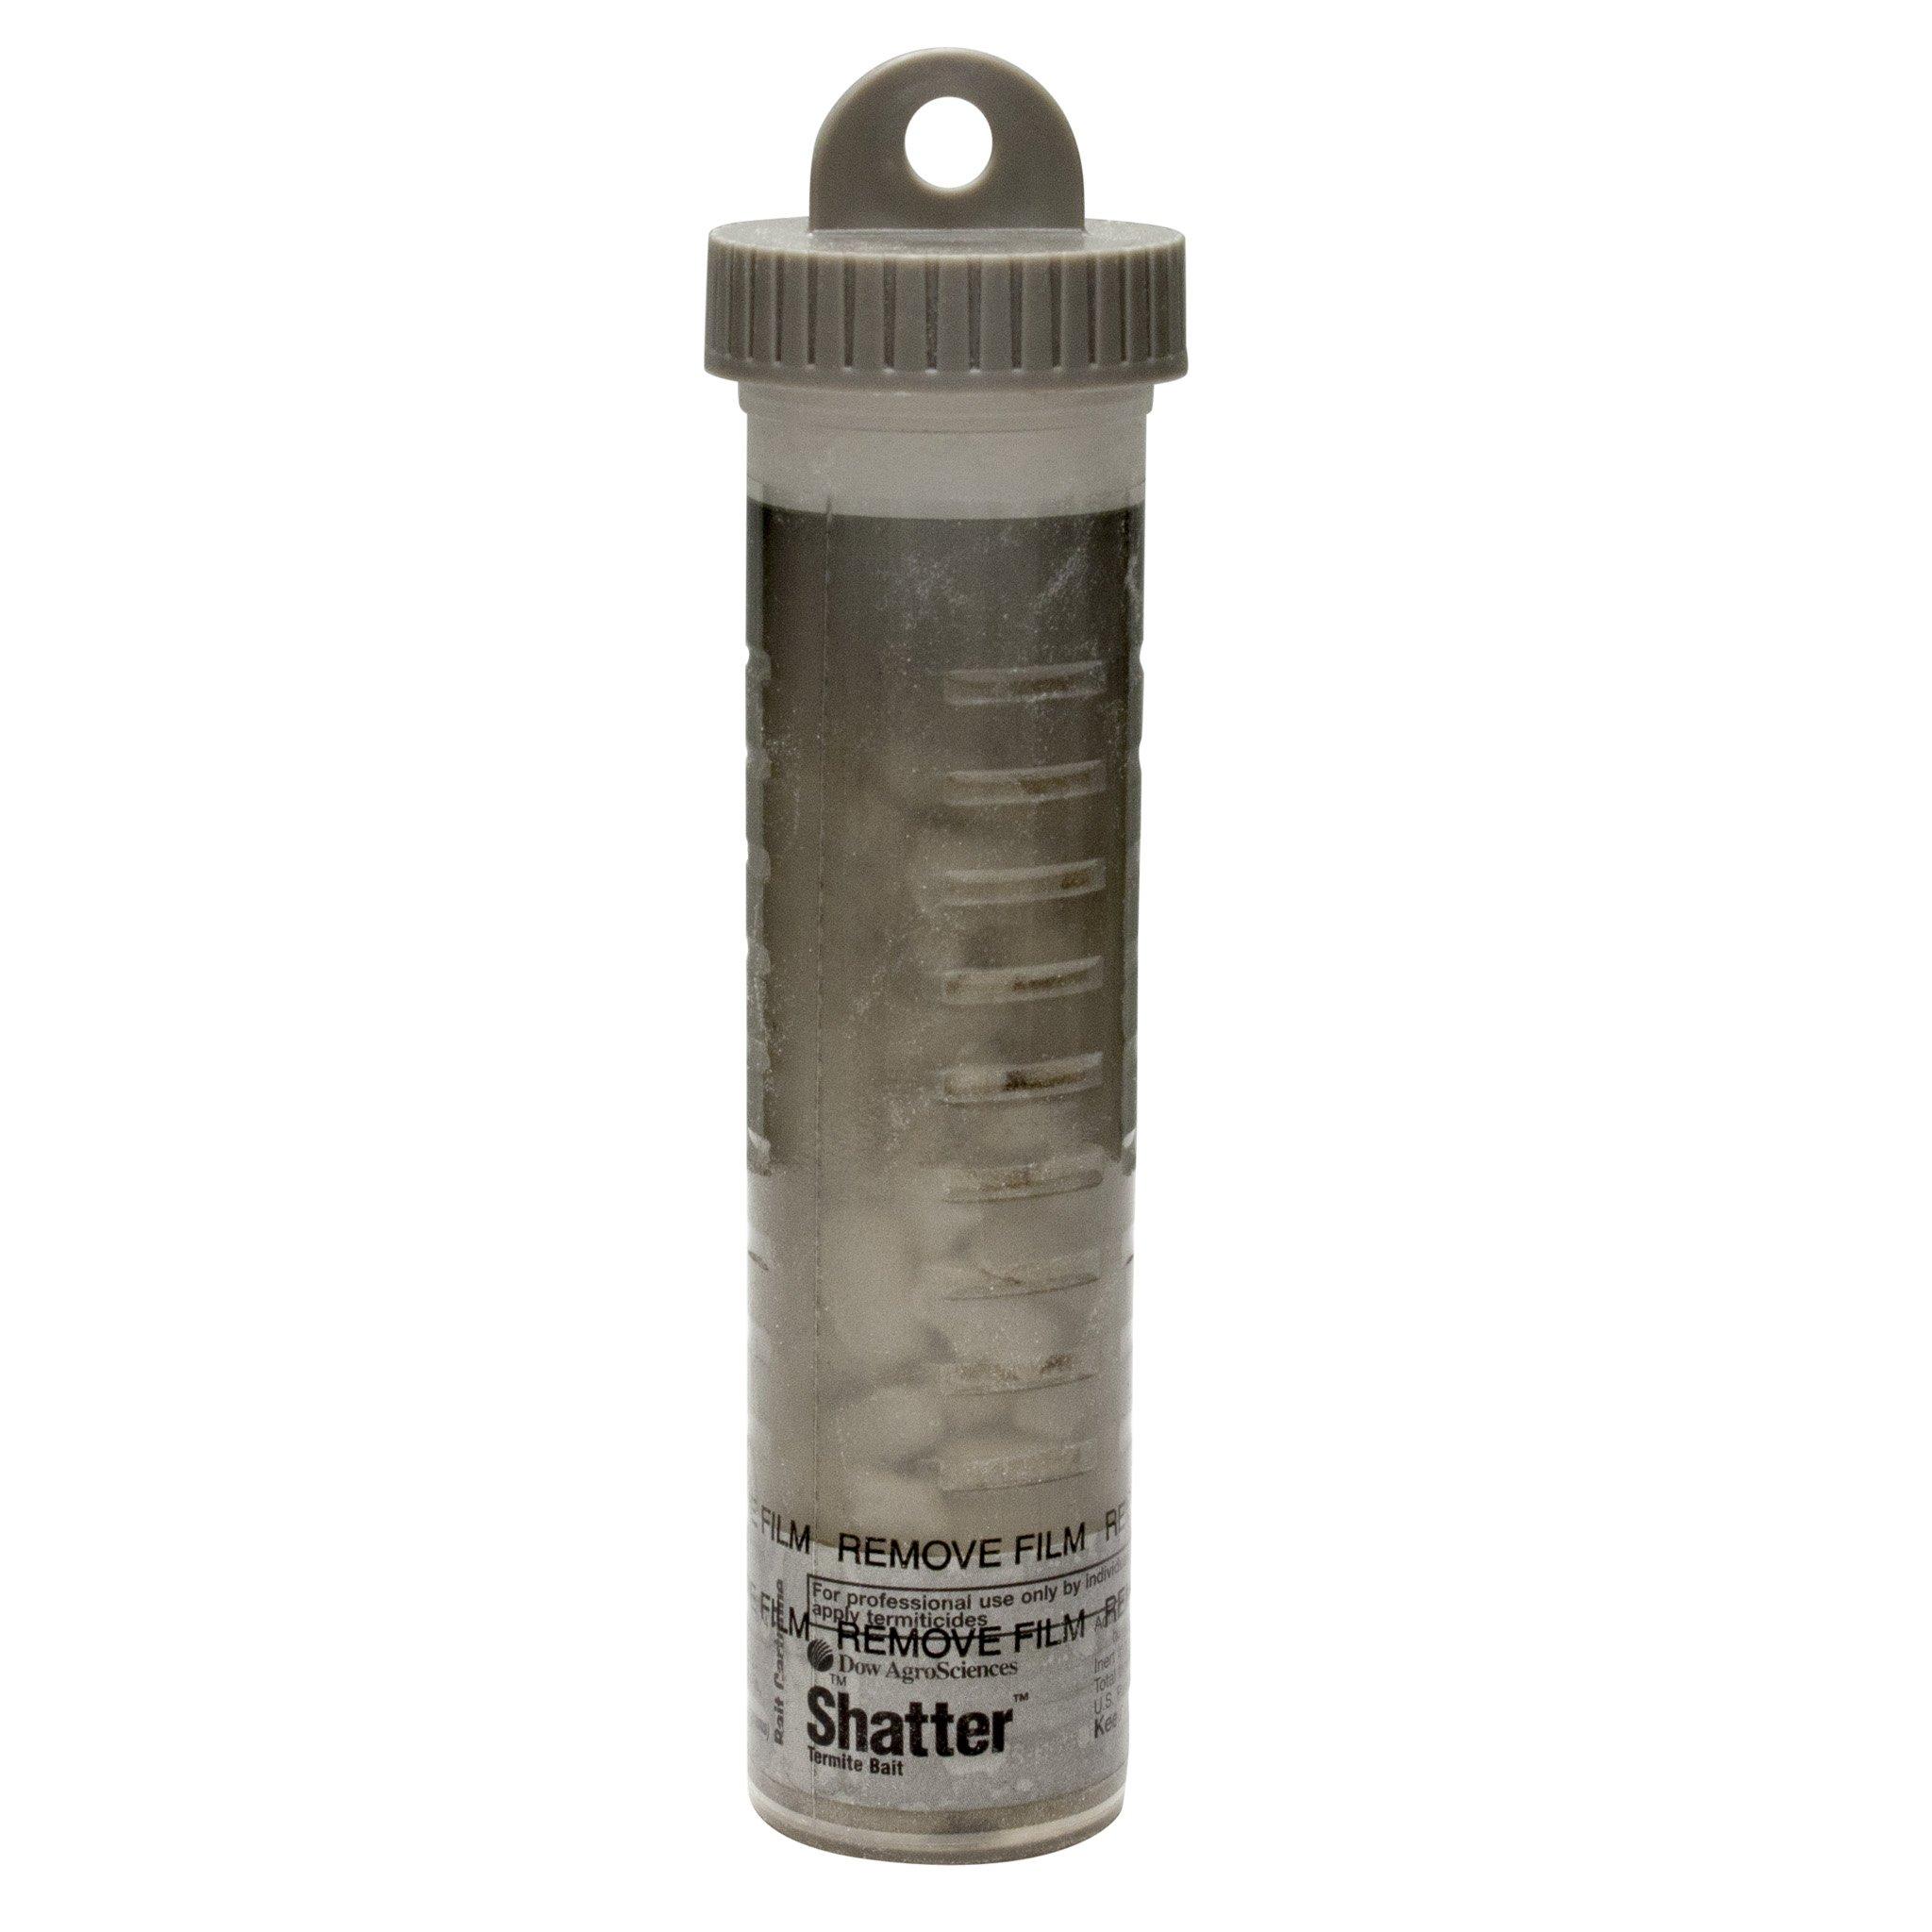 Hex Pro Shatter Termite Bait Cartridges (6)